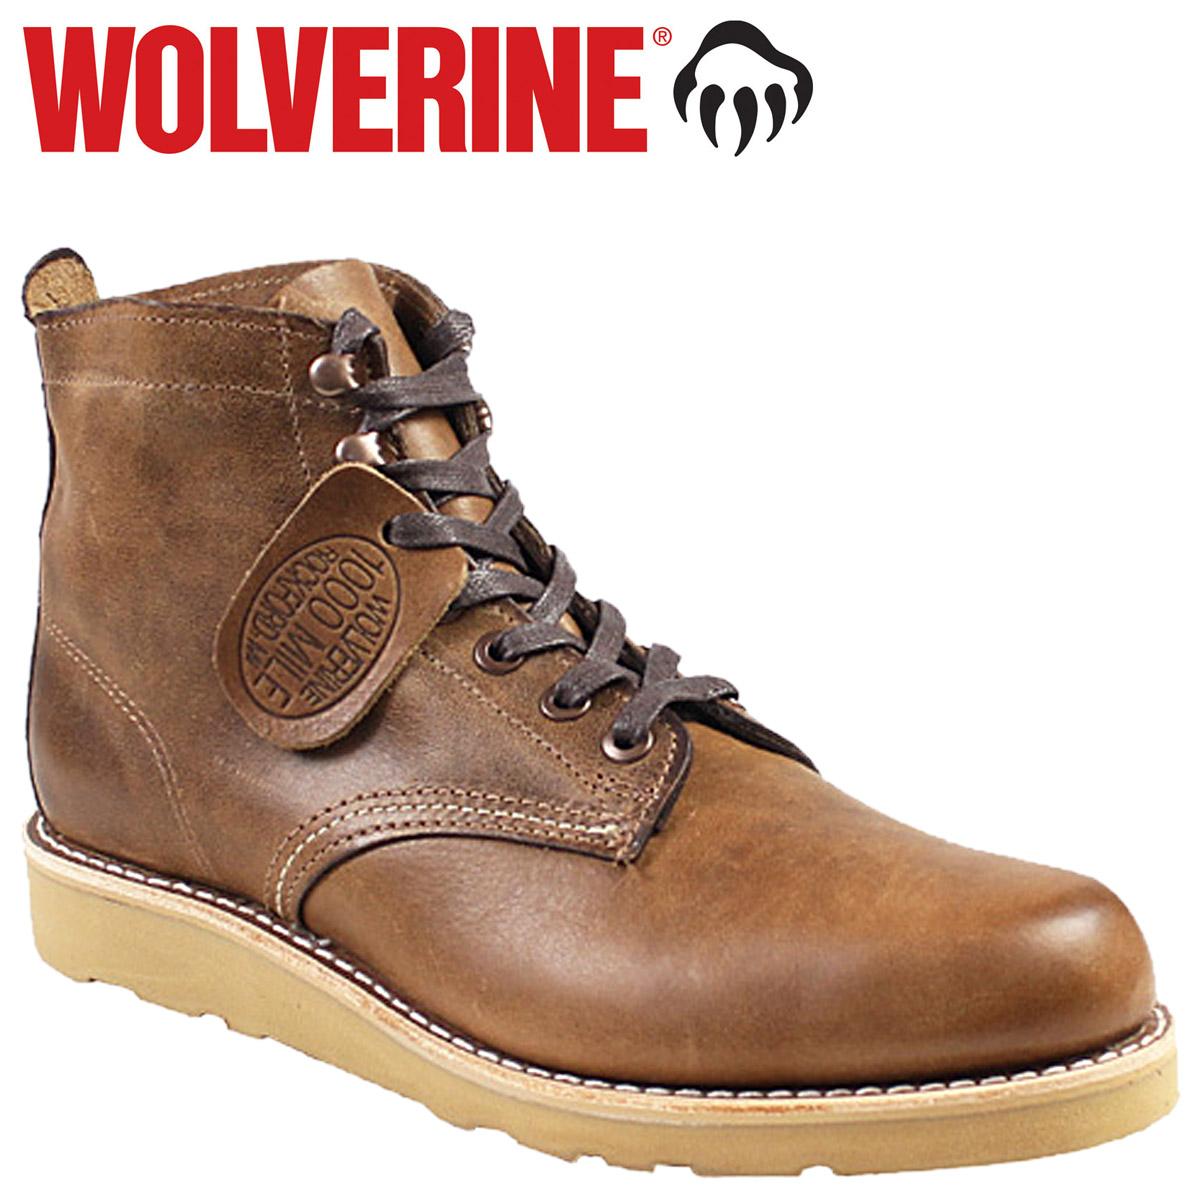 c1c3d462a6f Glasgow Prestwick Wolverine WOLVERINE 1000 mile W00915 Brown Wolverine,  leather men's work boots, wedge boots PRESTWICK 1000 MILE WEDGE BOOT D wise  ...